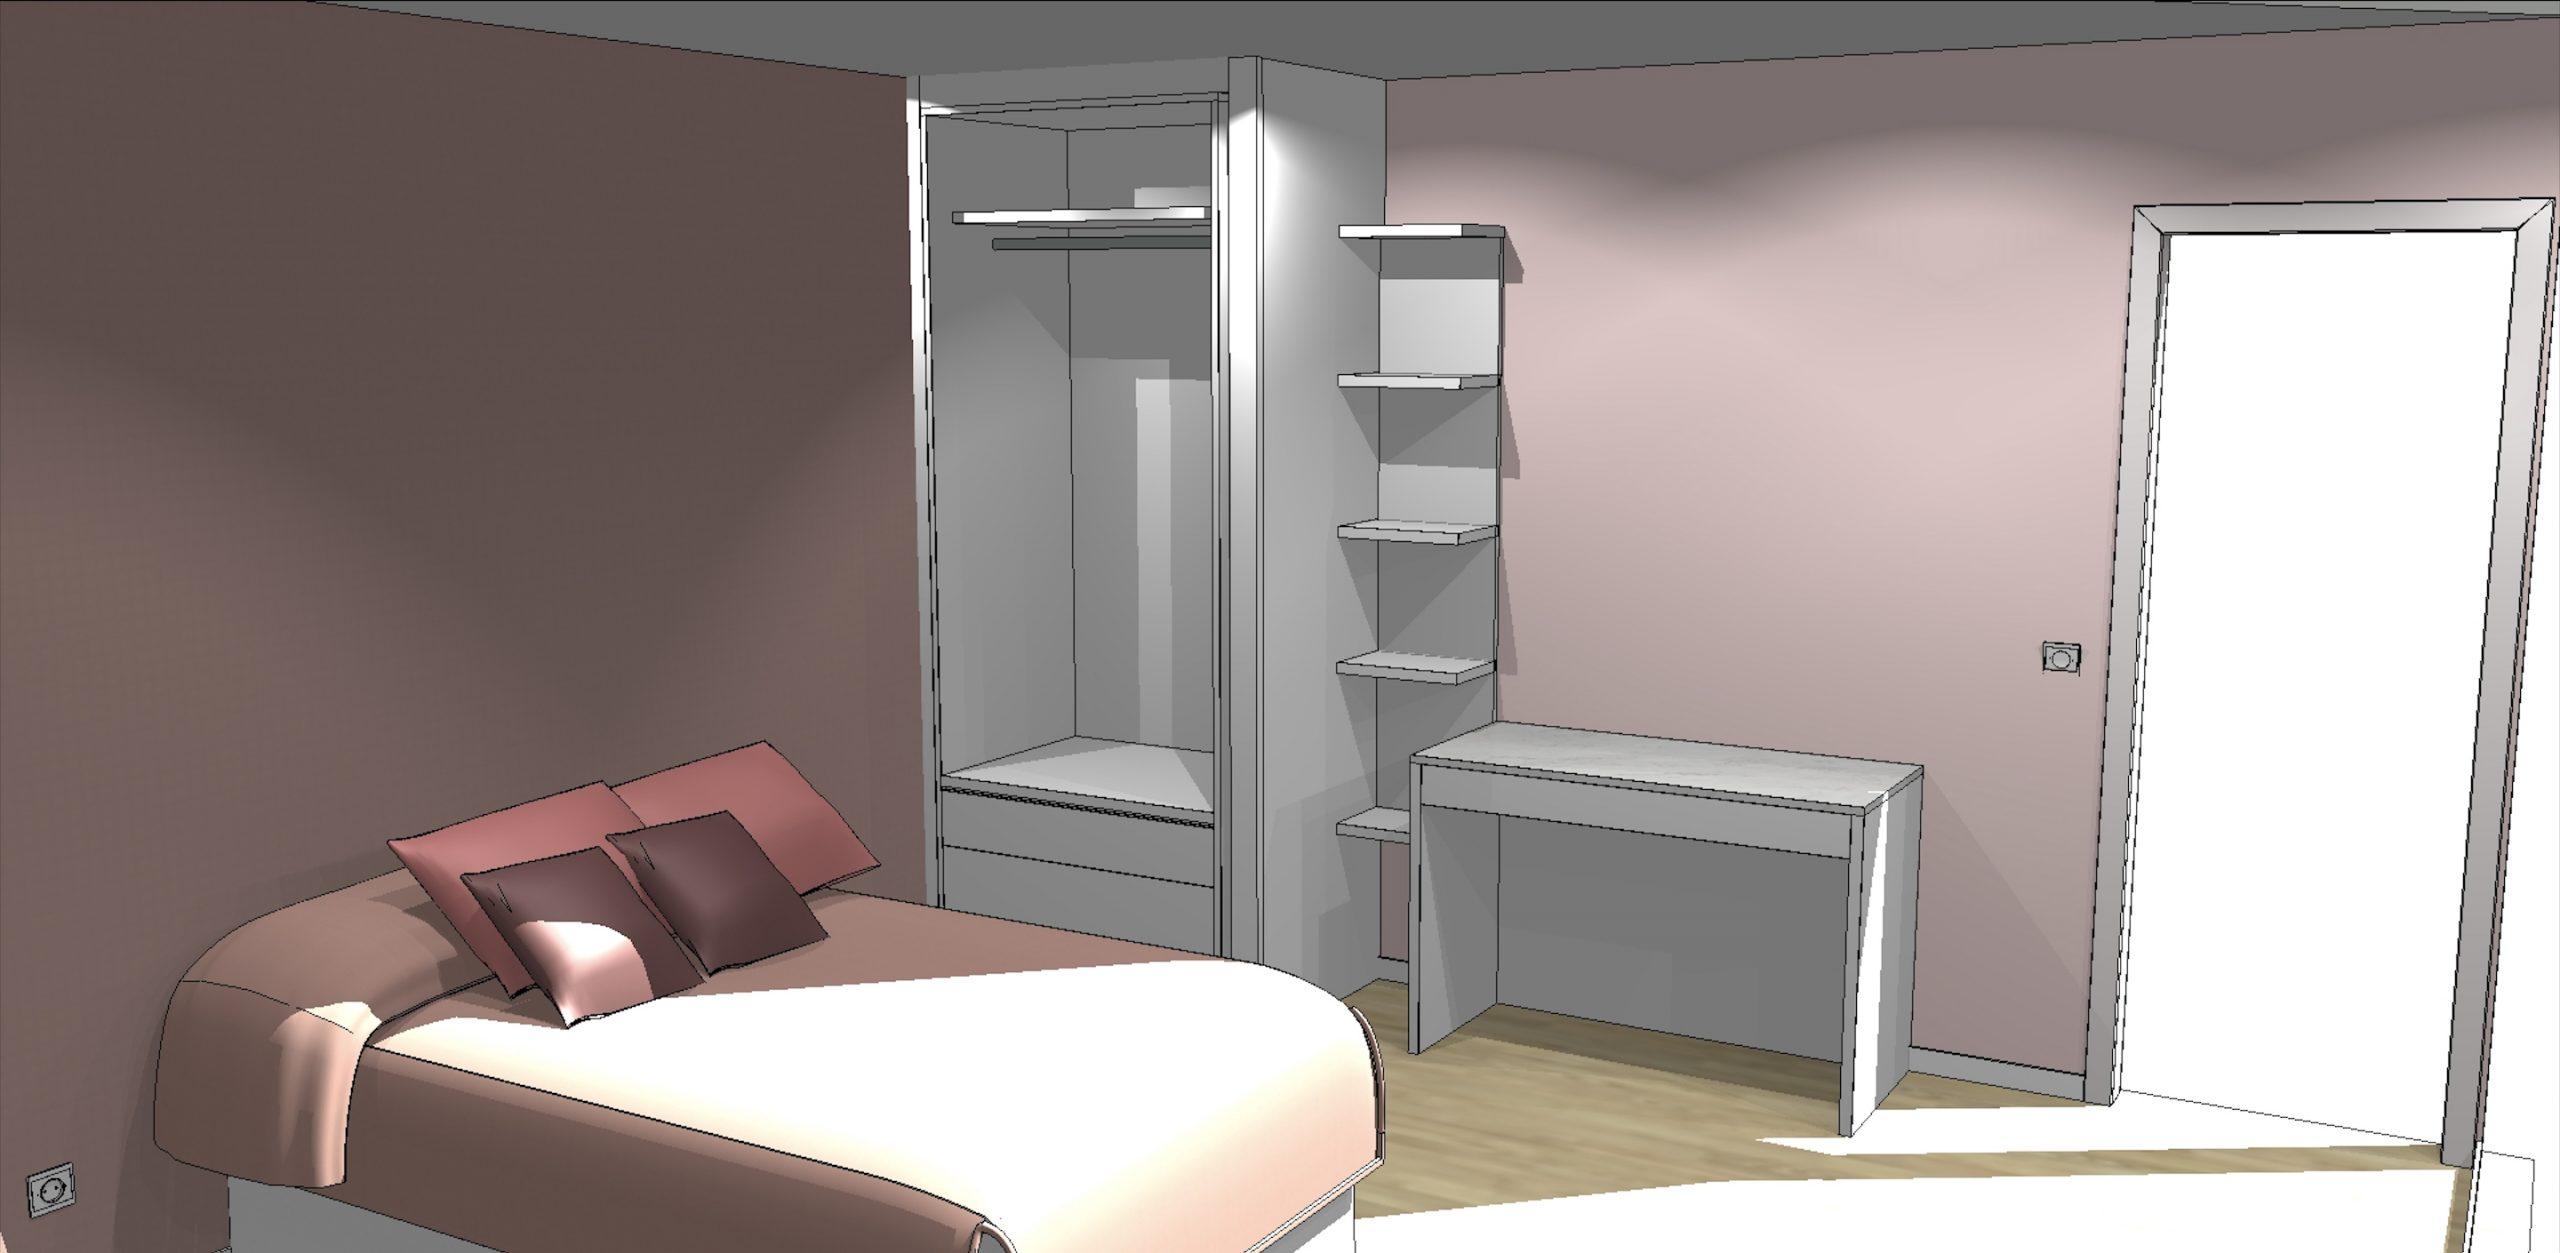 cette image montre un plan en 3D de ce que doit représenter le travail fini